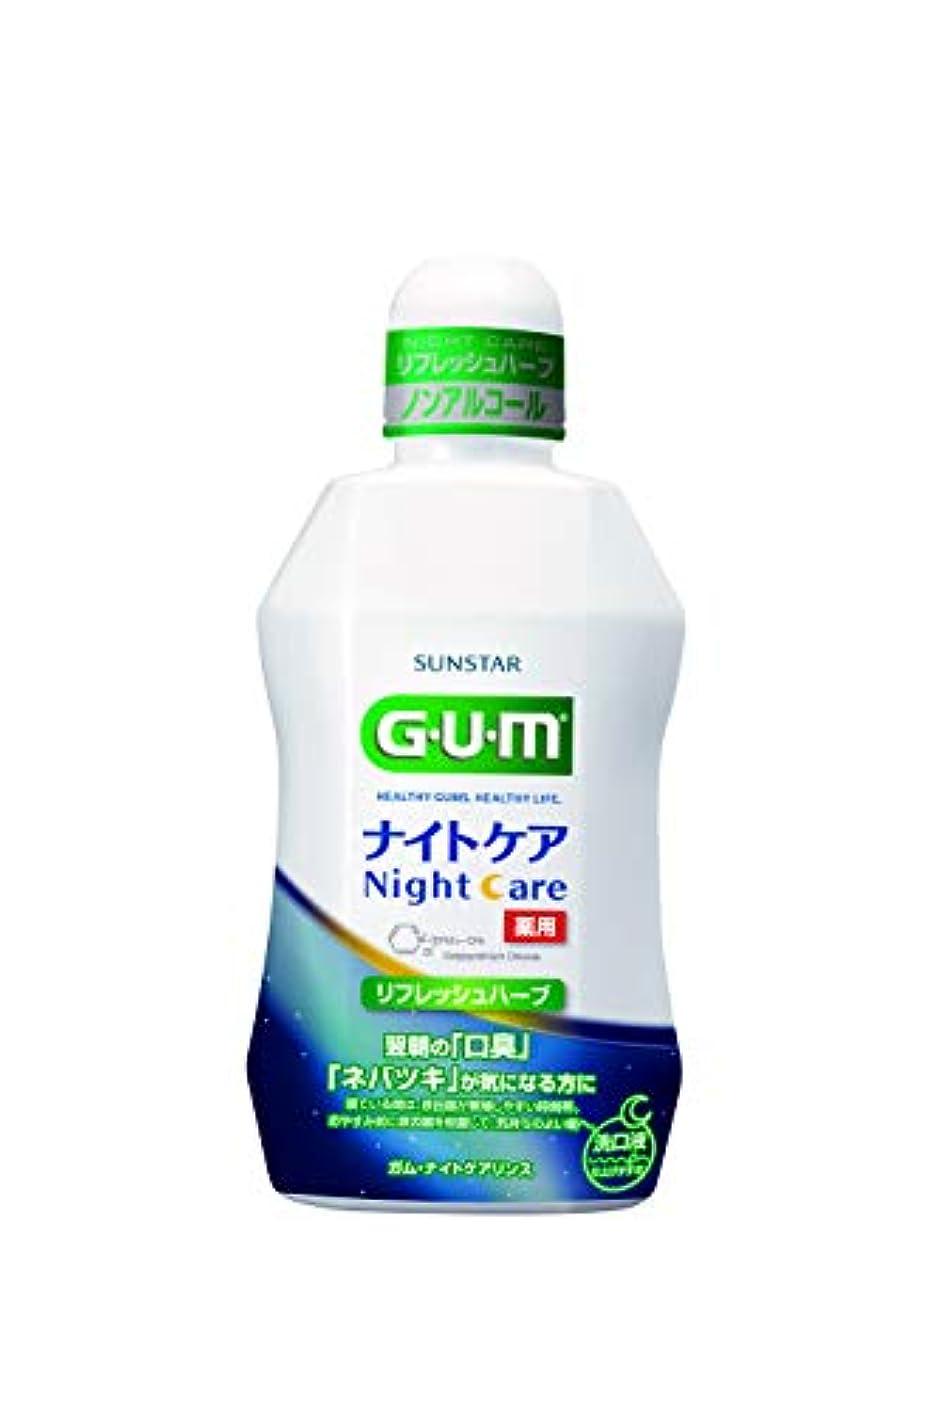 パス安全性デコレーション(医薬部外品) GUM(ガム) マウスウォッシュ ナイトケア 薬用洗口液(リフレッシュハーブタイプ)450mL